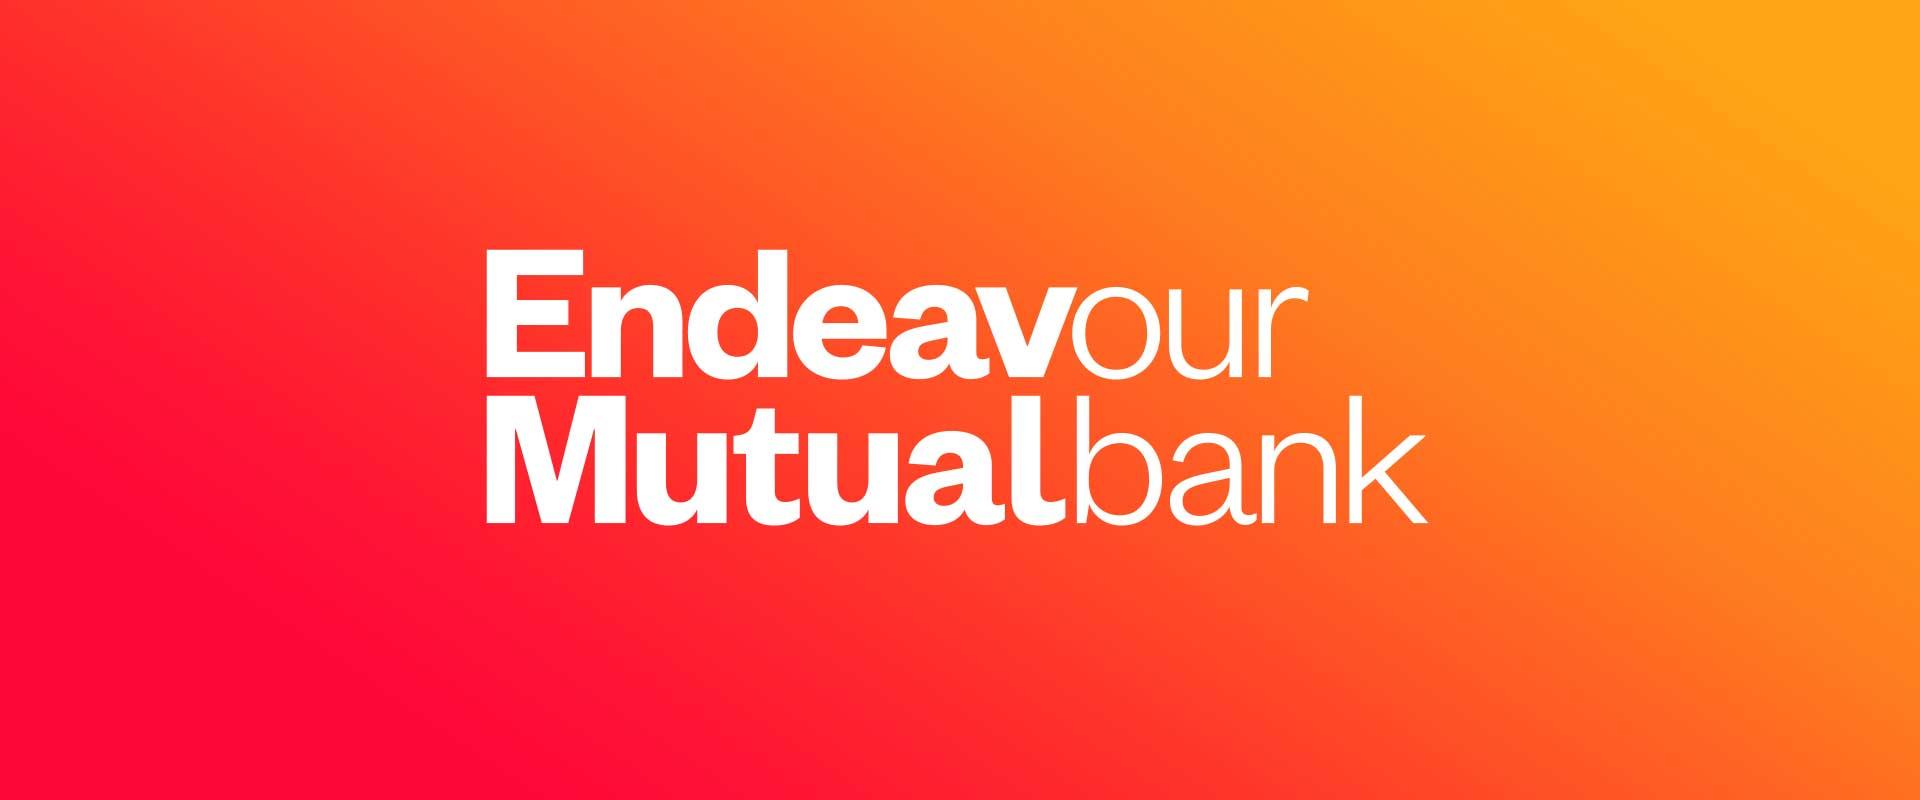 Sydney branding agency, Percept Brand Design, rebrand this Australian bank